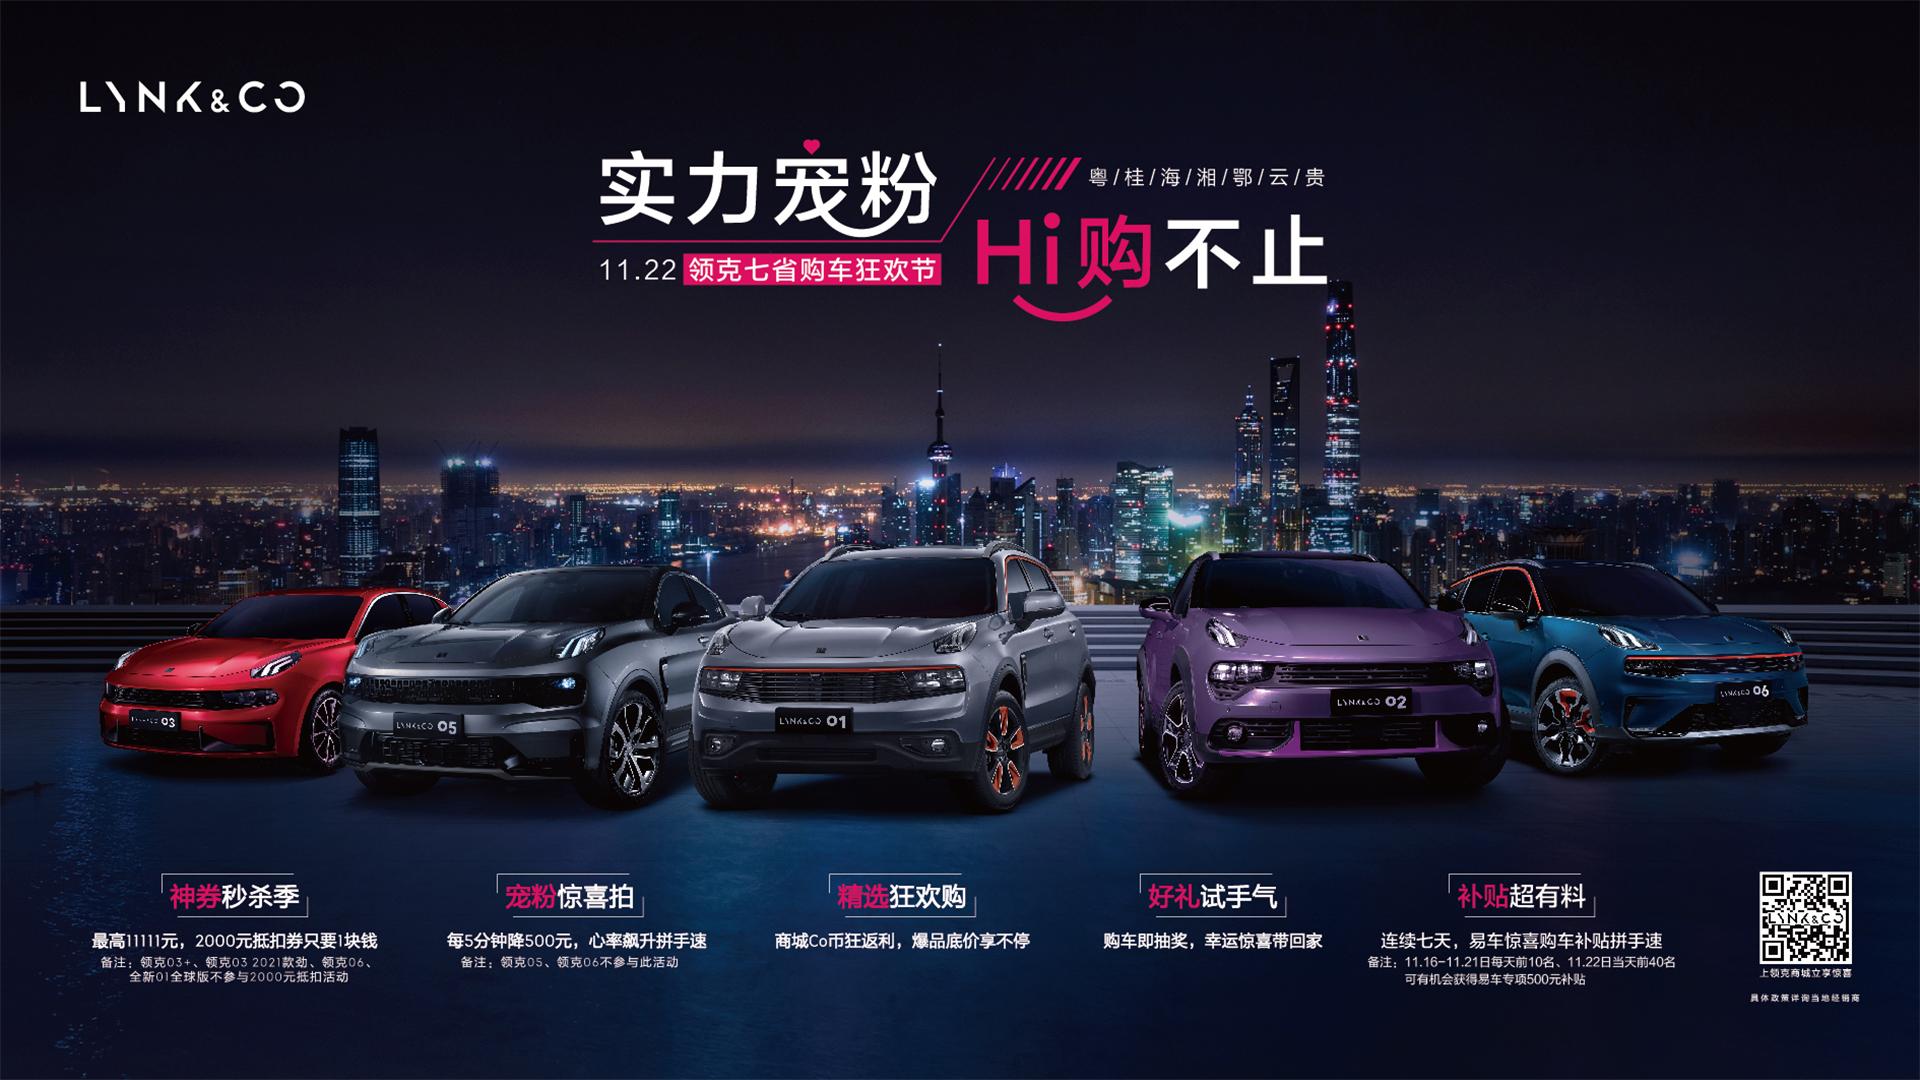 实力宠粉 Hi购不止——11.22领克七省购车狂欢节